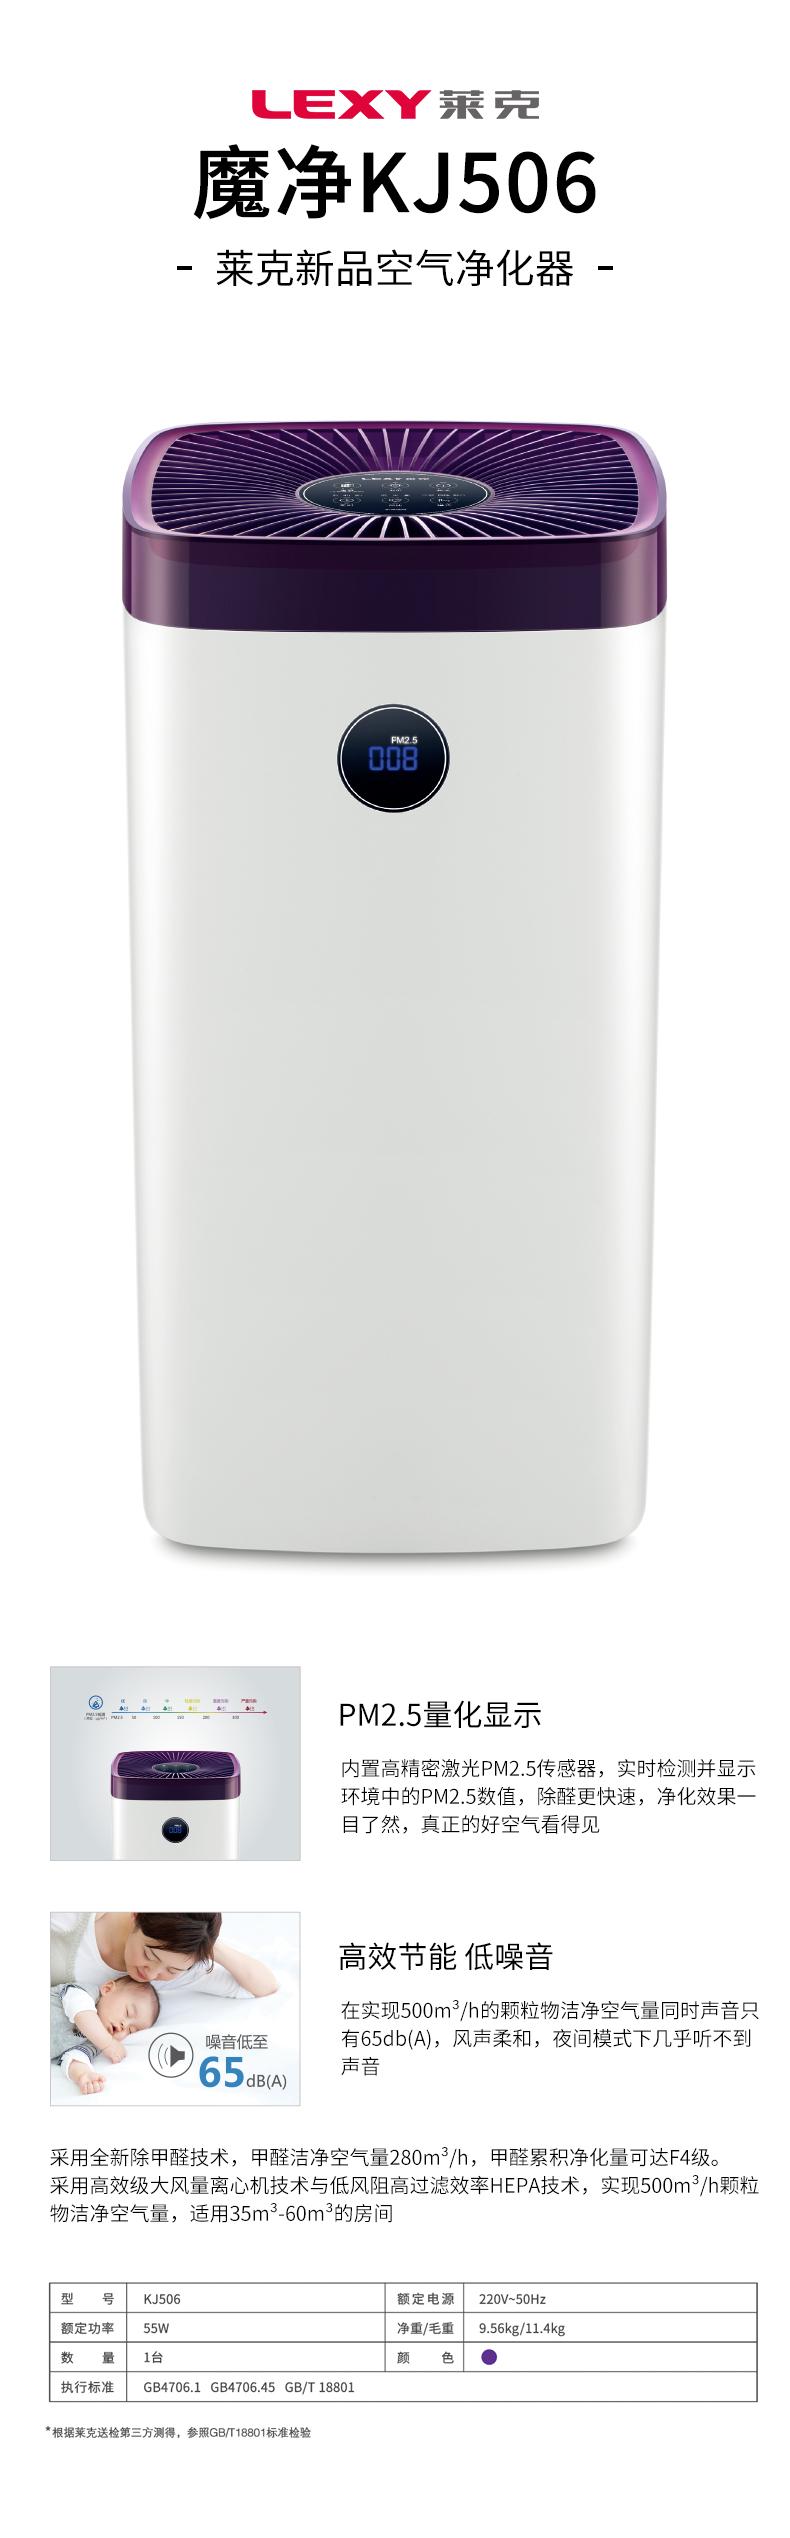 说下莱克空气净化器KJ506质量怎么样??体验了解莱克空气净化器KJ506质量好不好